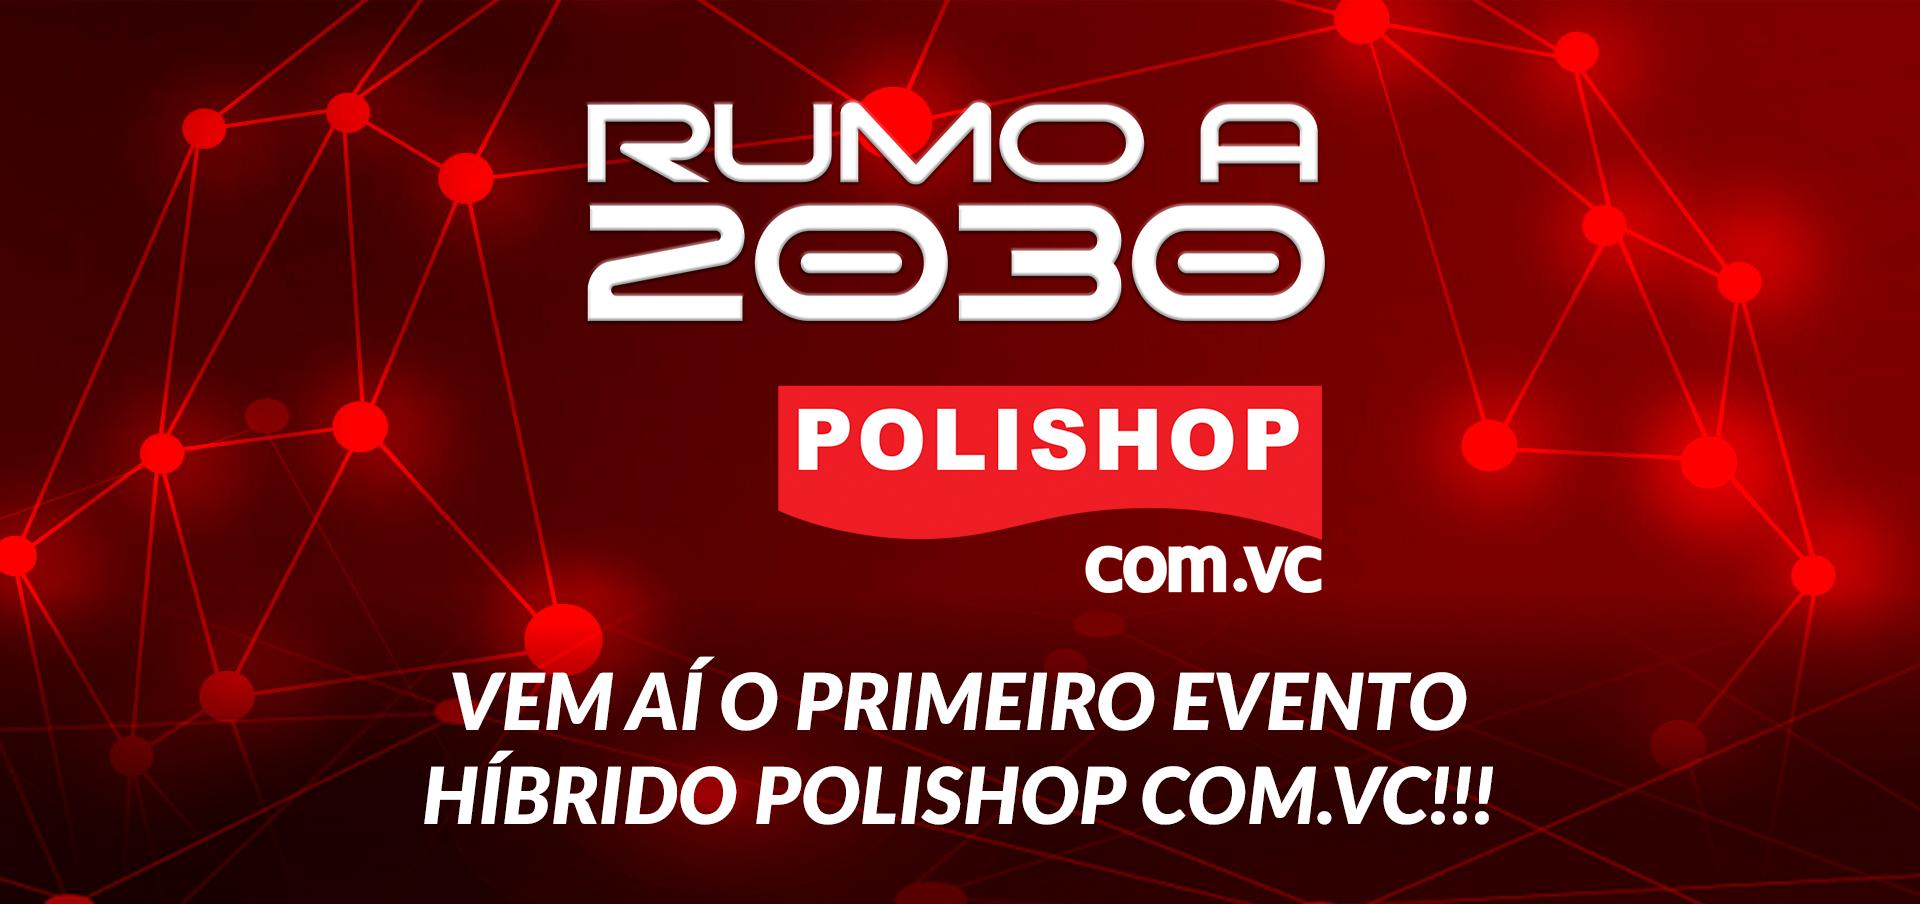 rumo111